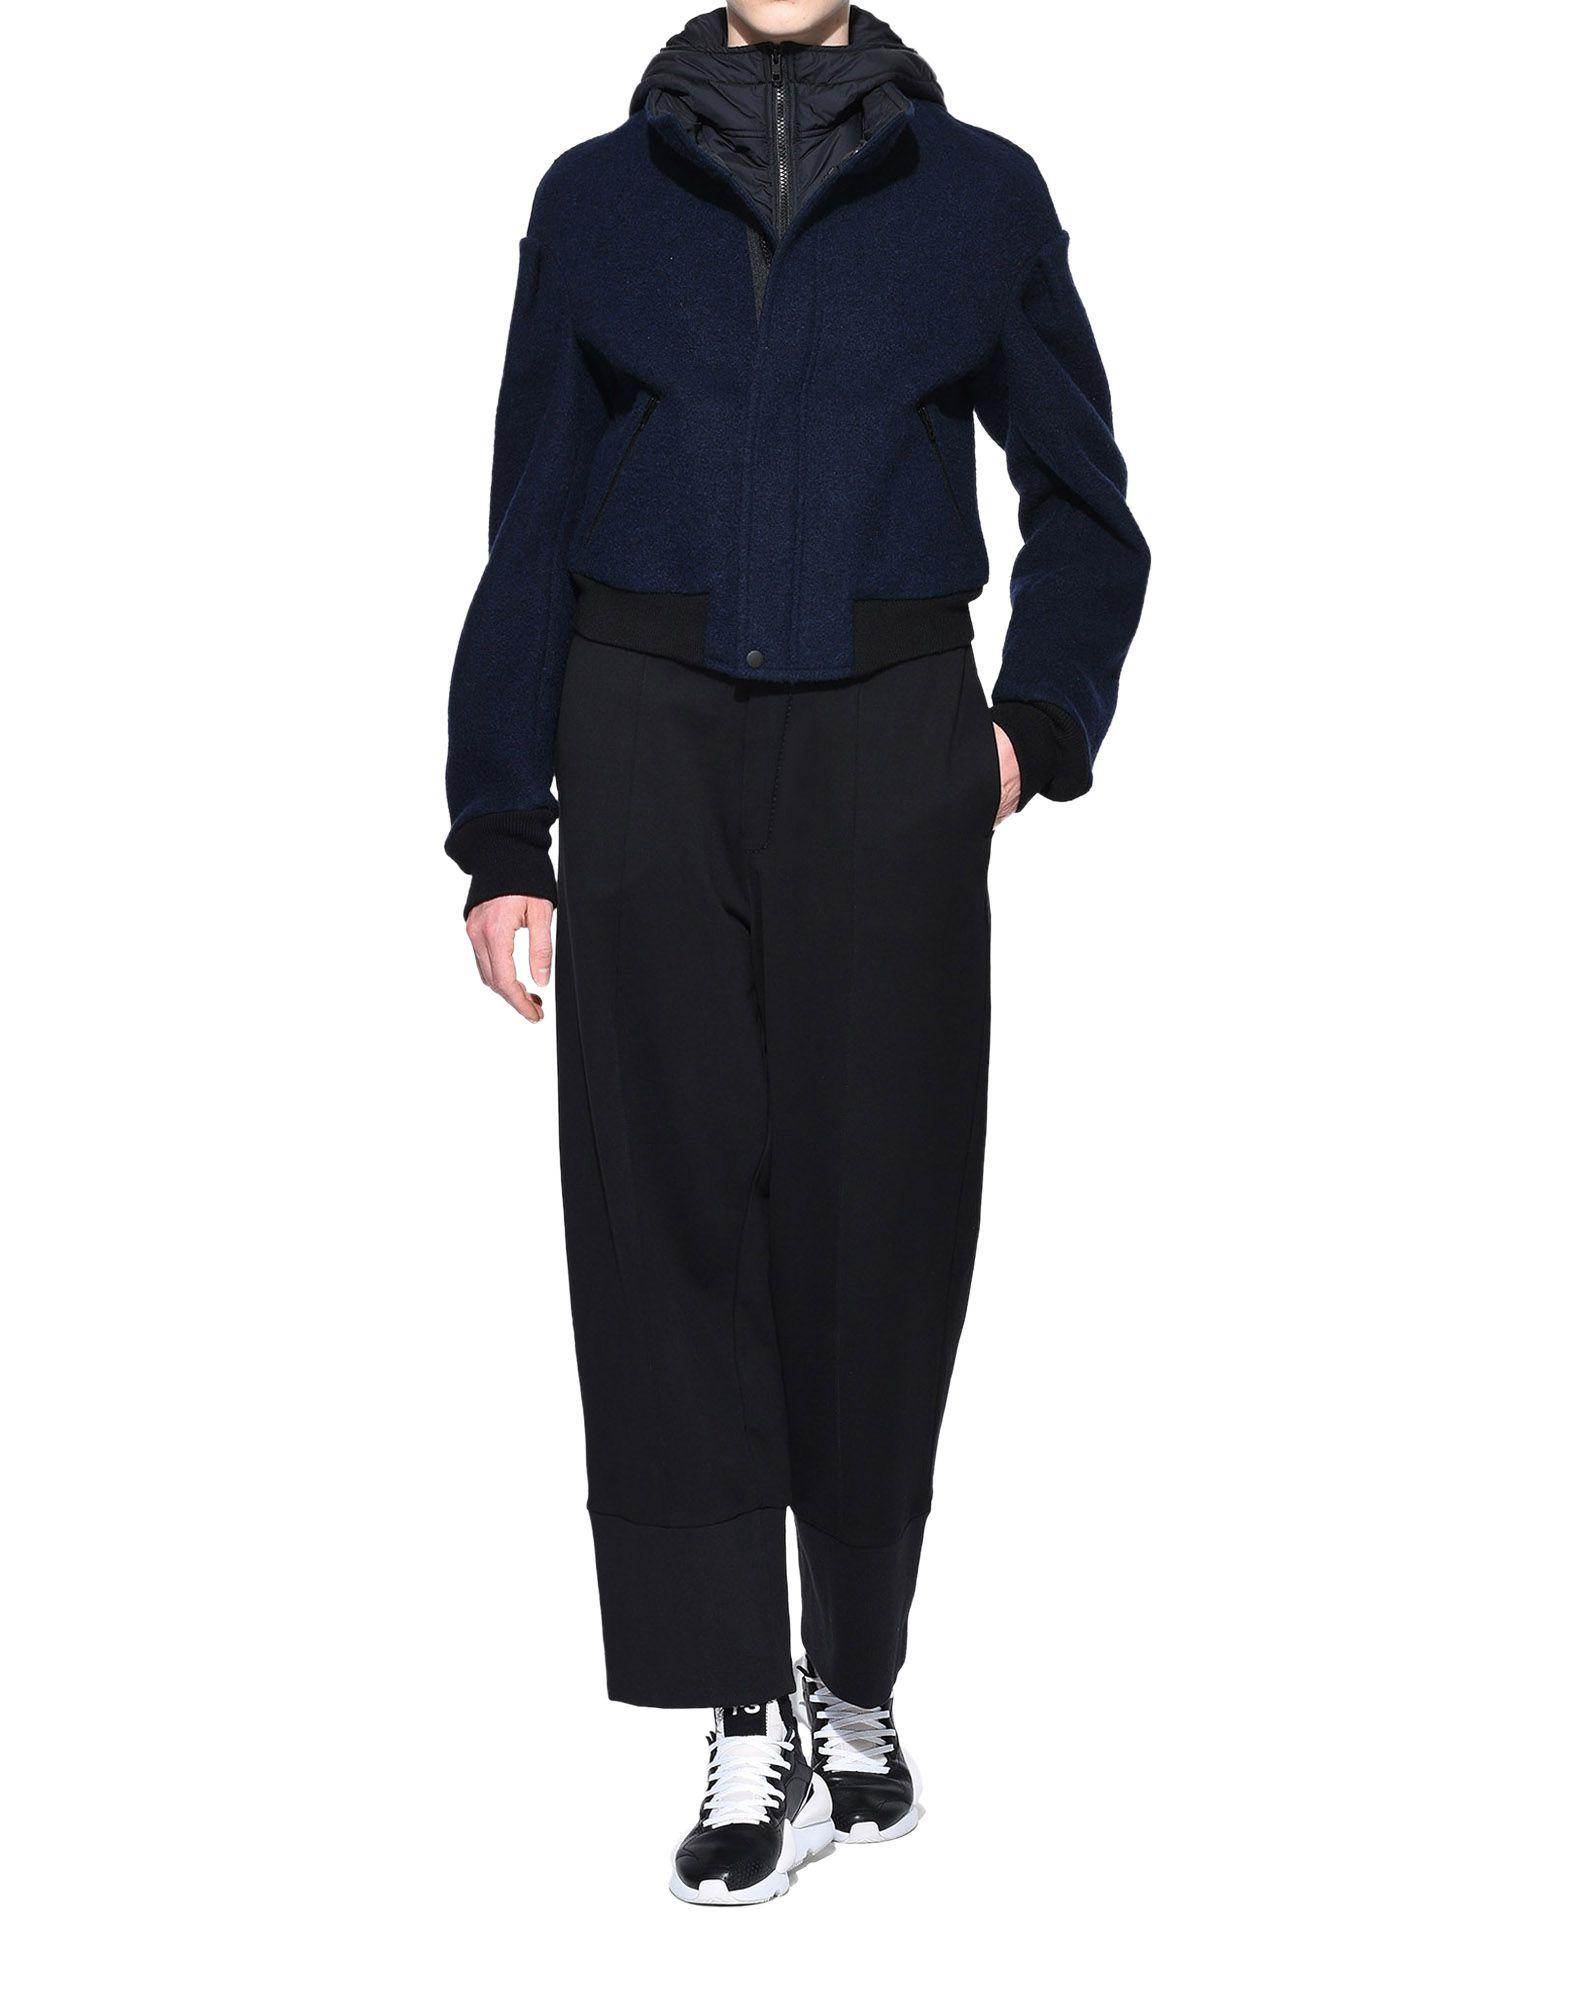 Y-3 Y-3 Wool Hoodie Jacket ブルゾン レディース a